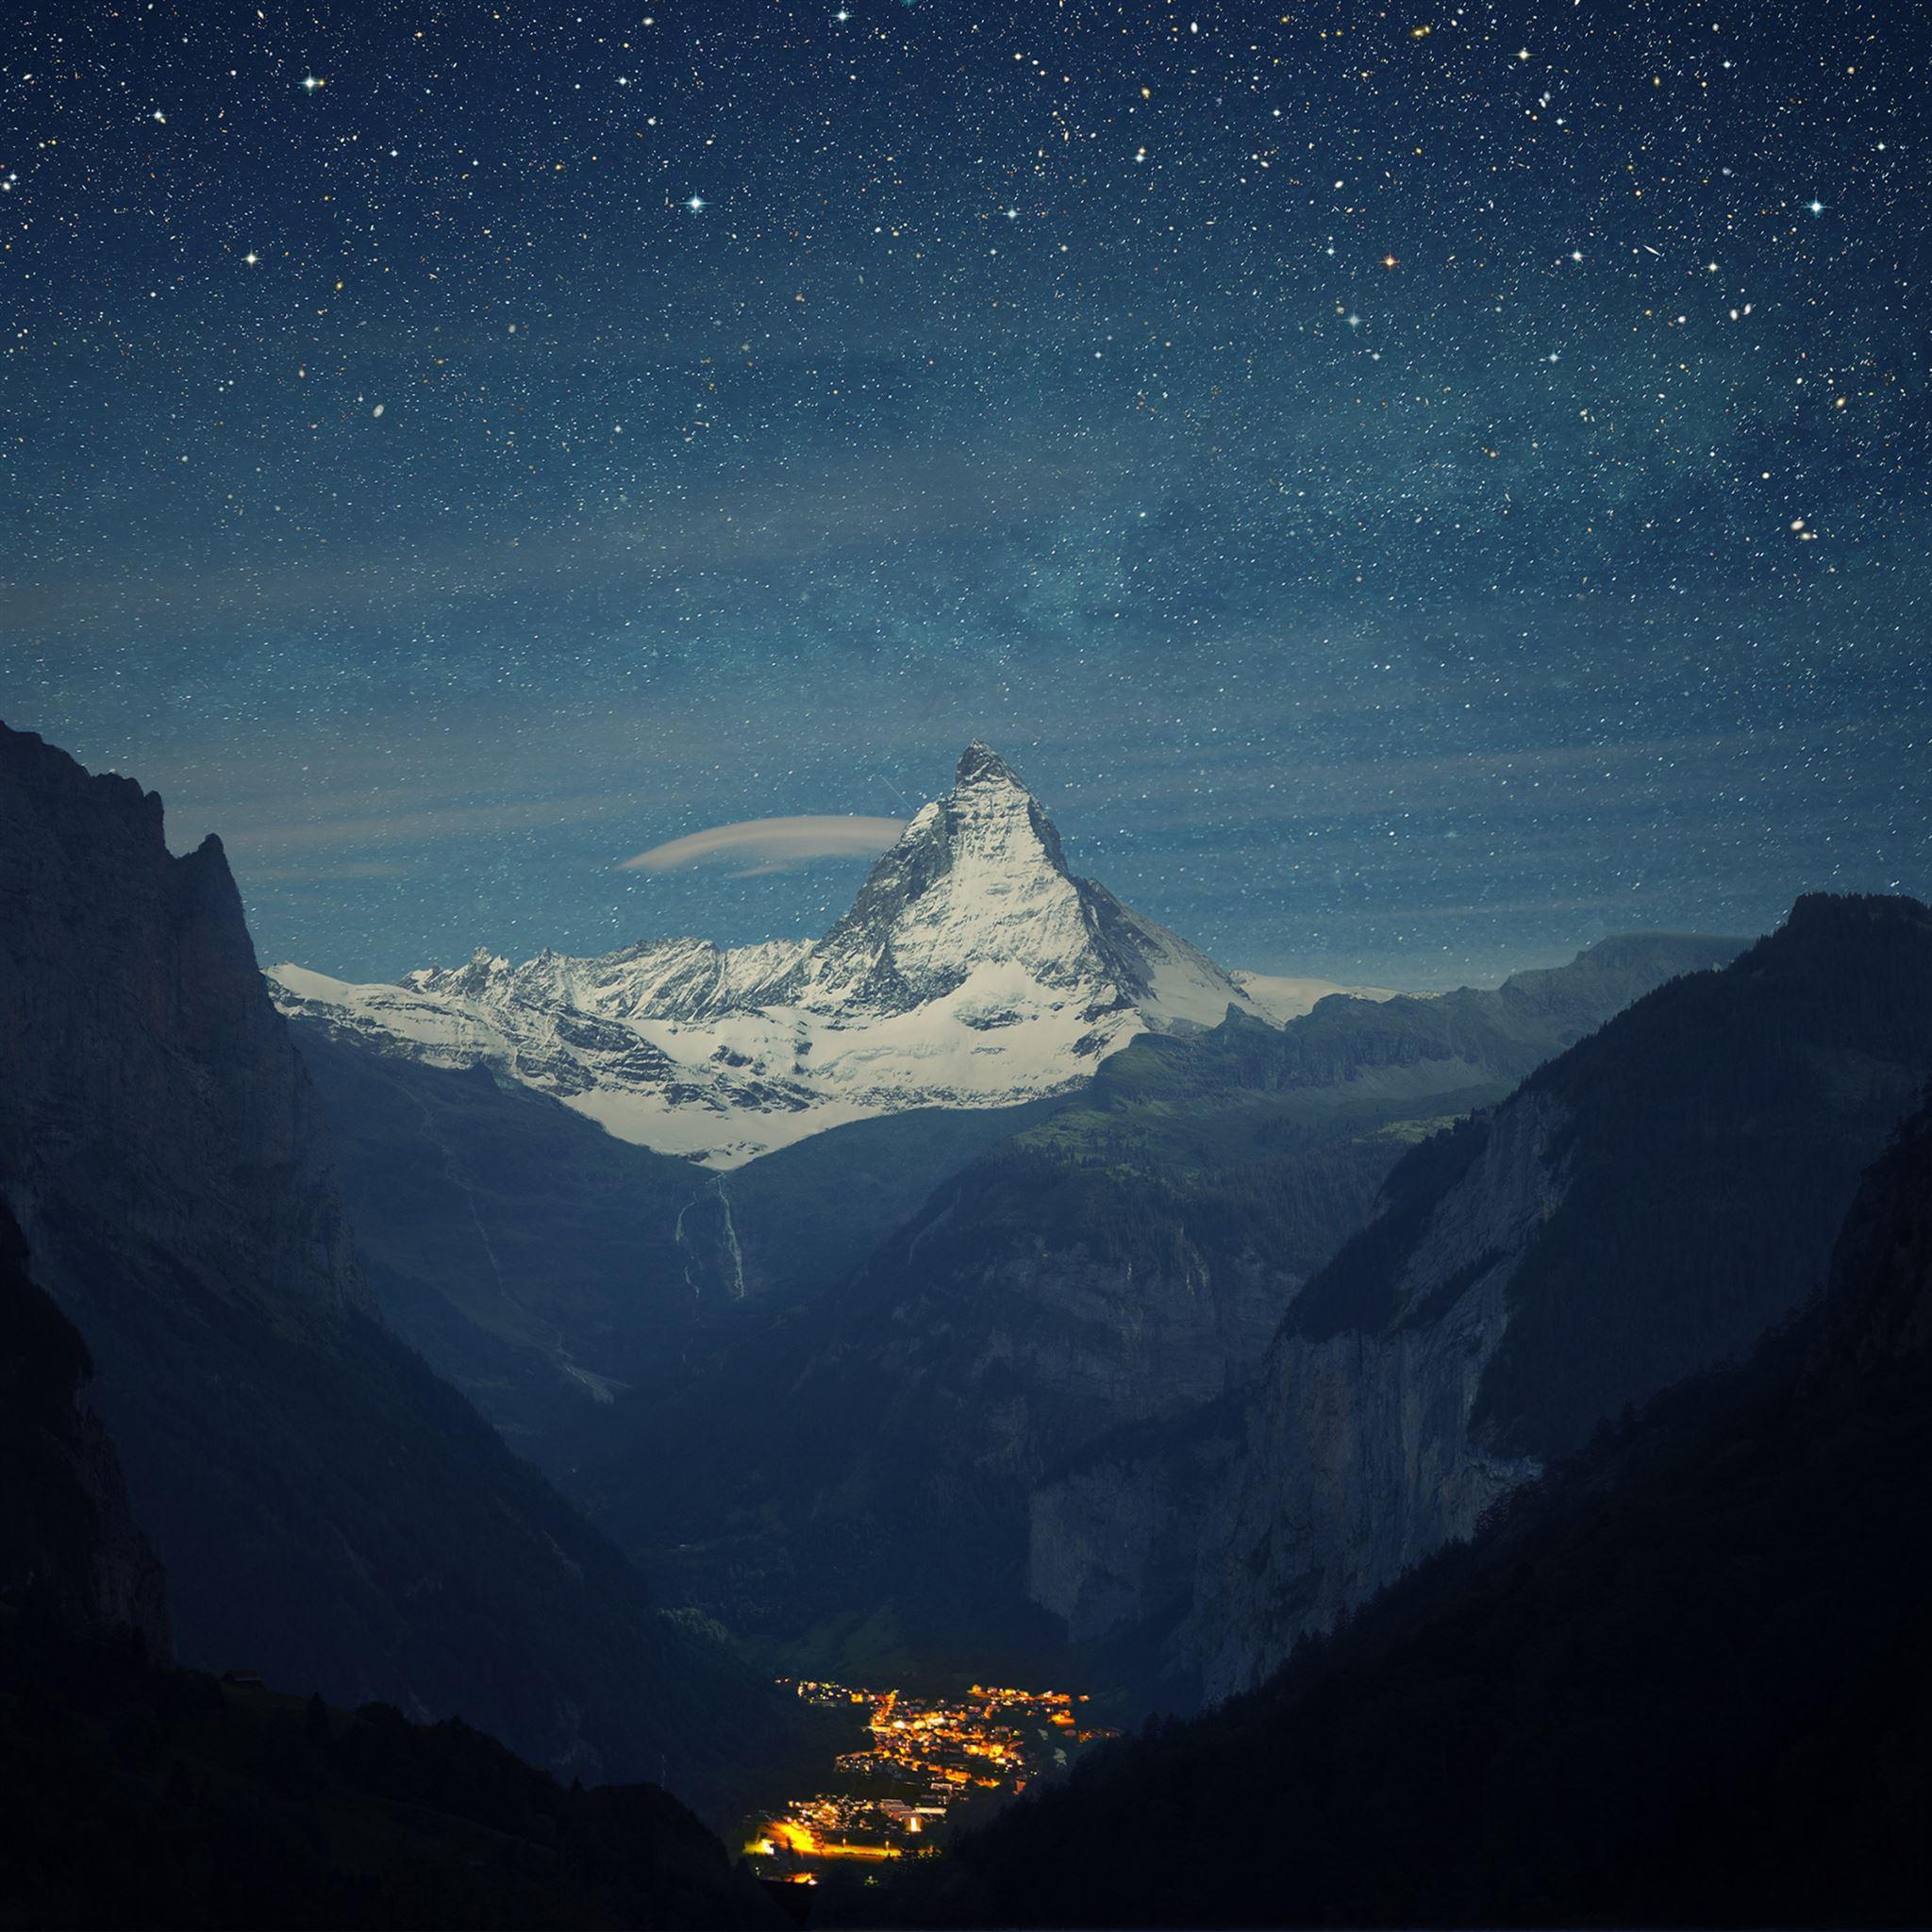 Best Landscape Ipad Pro Wallpapers Hd Ilikewallpaper